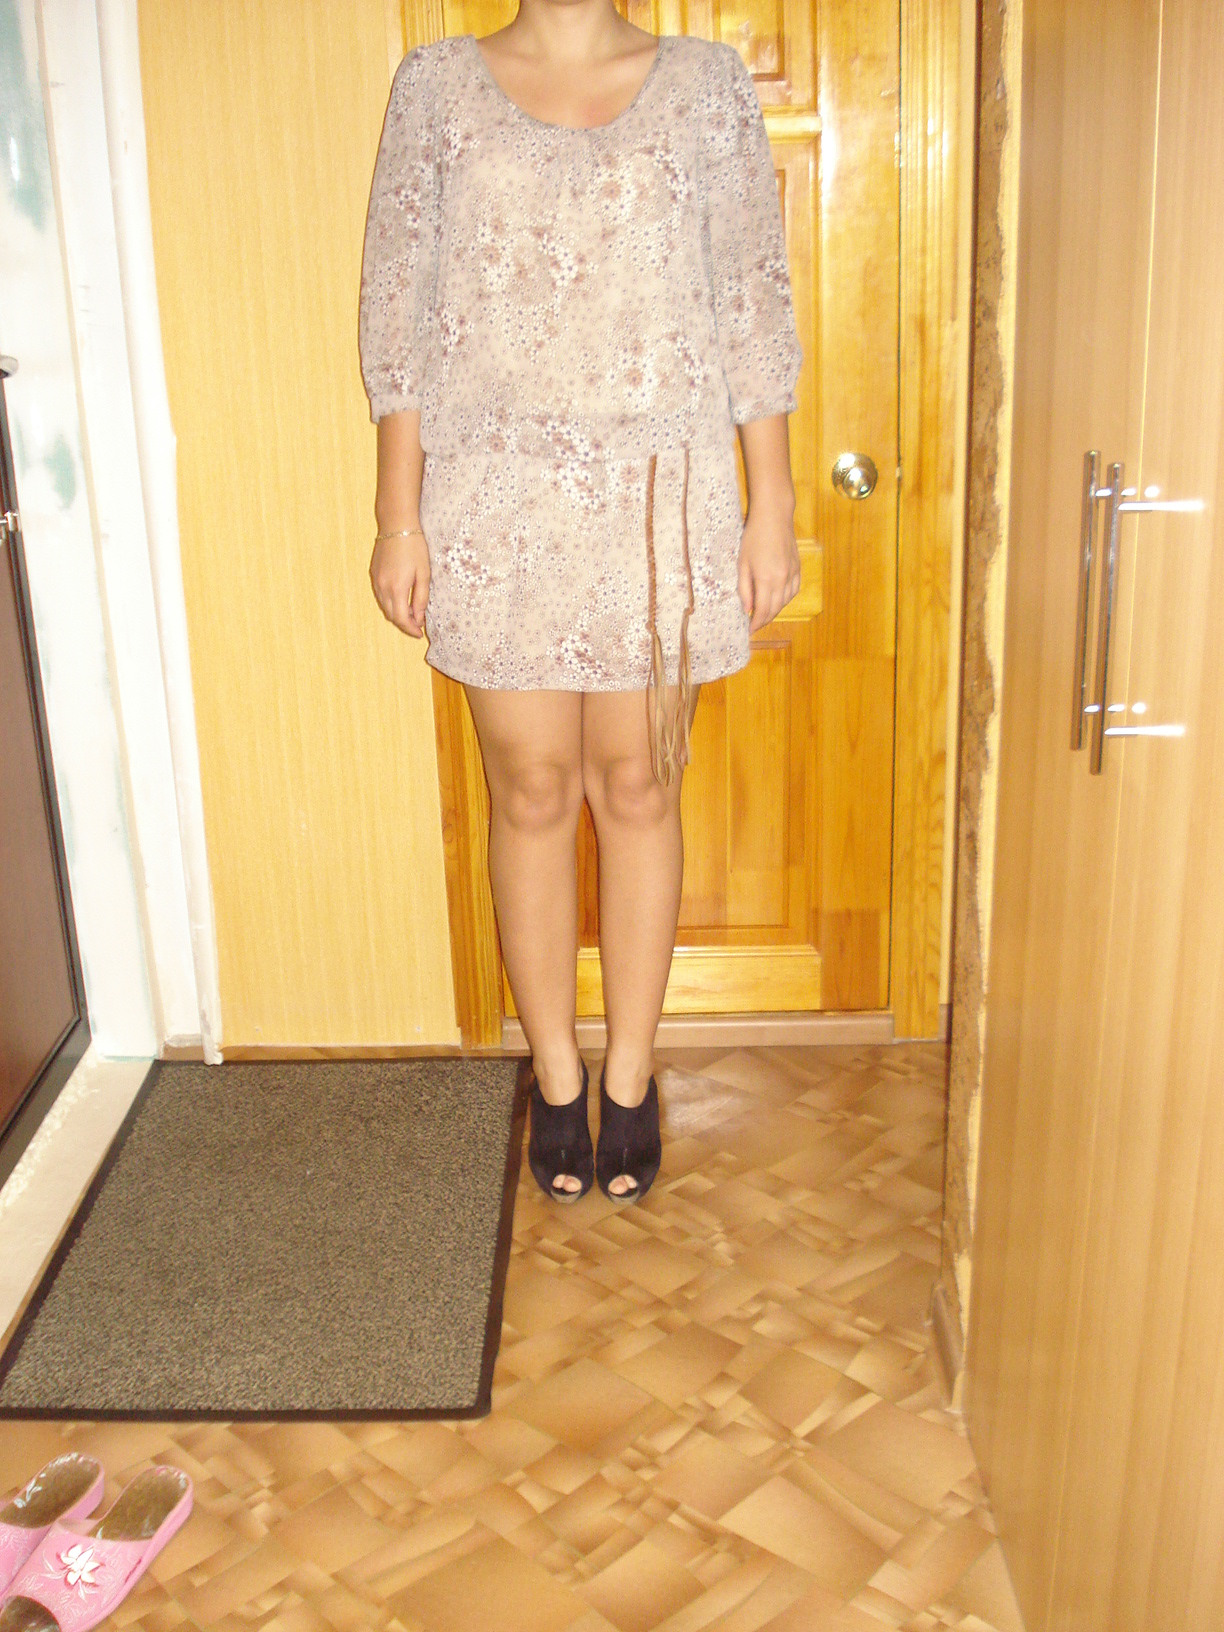 Женская одежда больших размеров купить оптом из турции